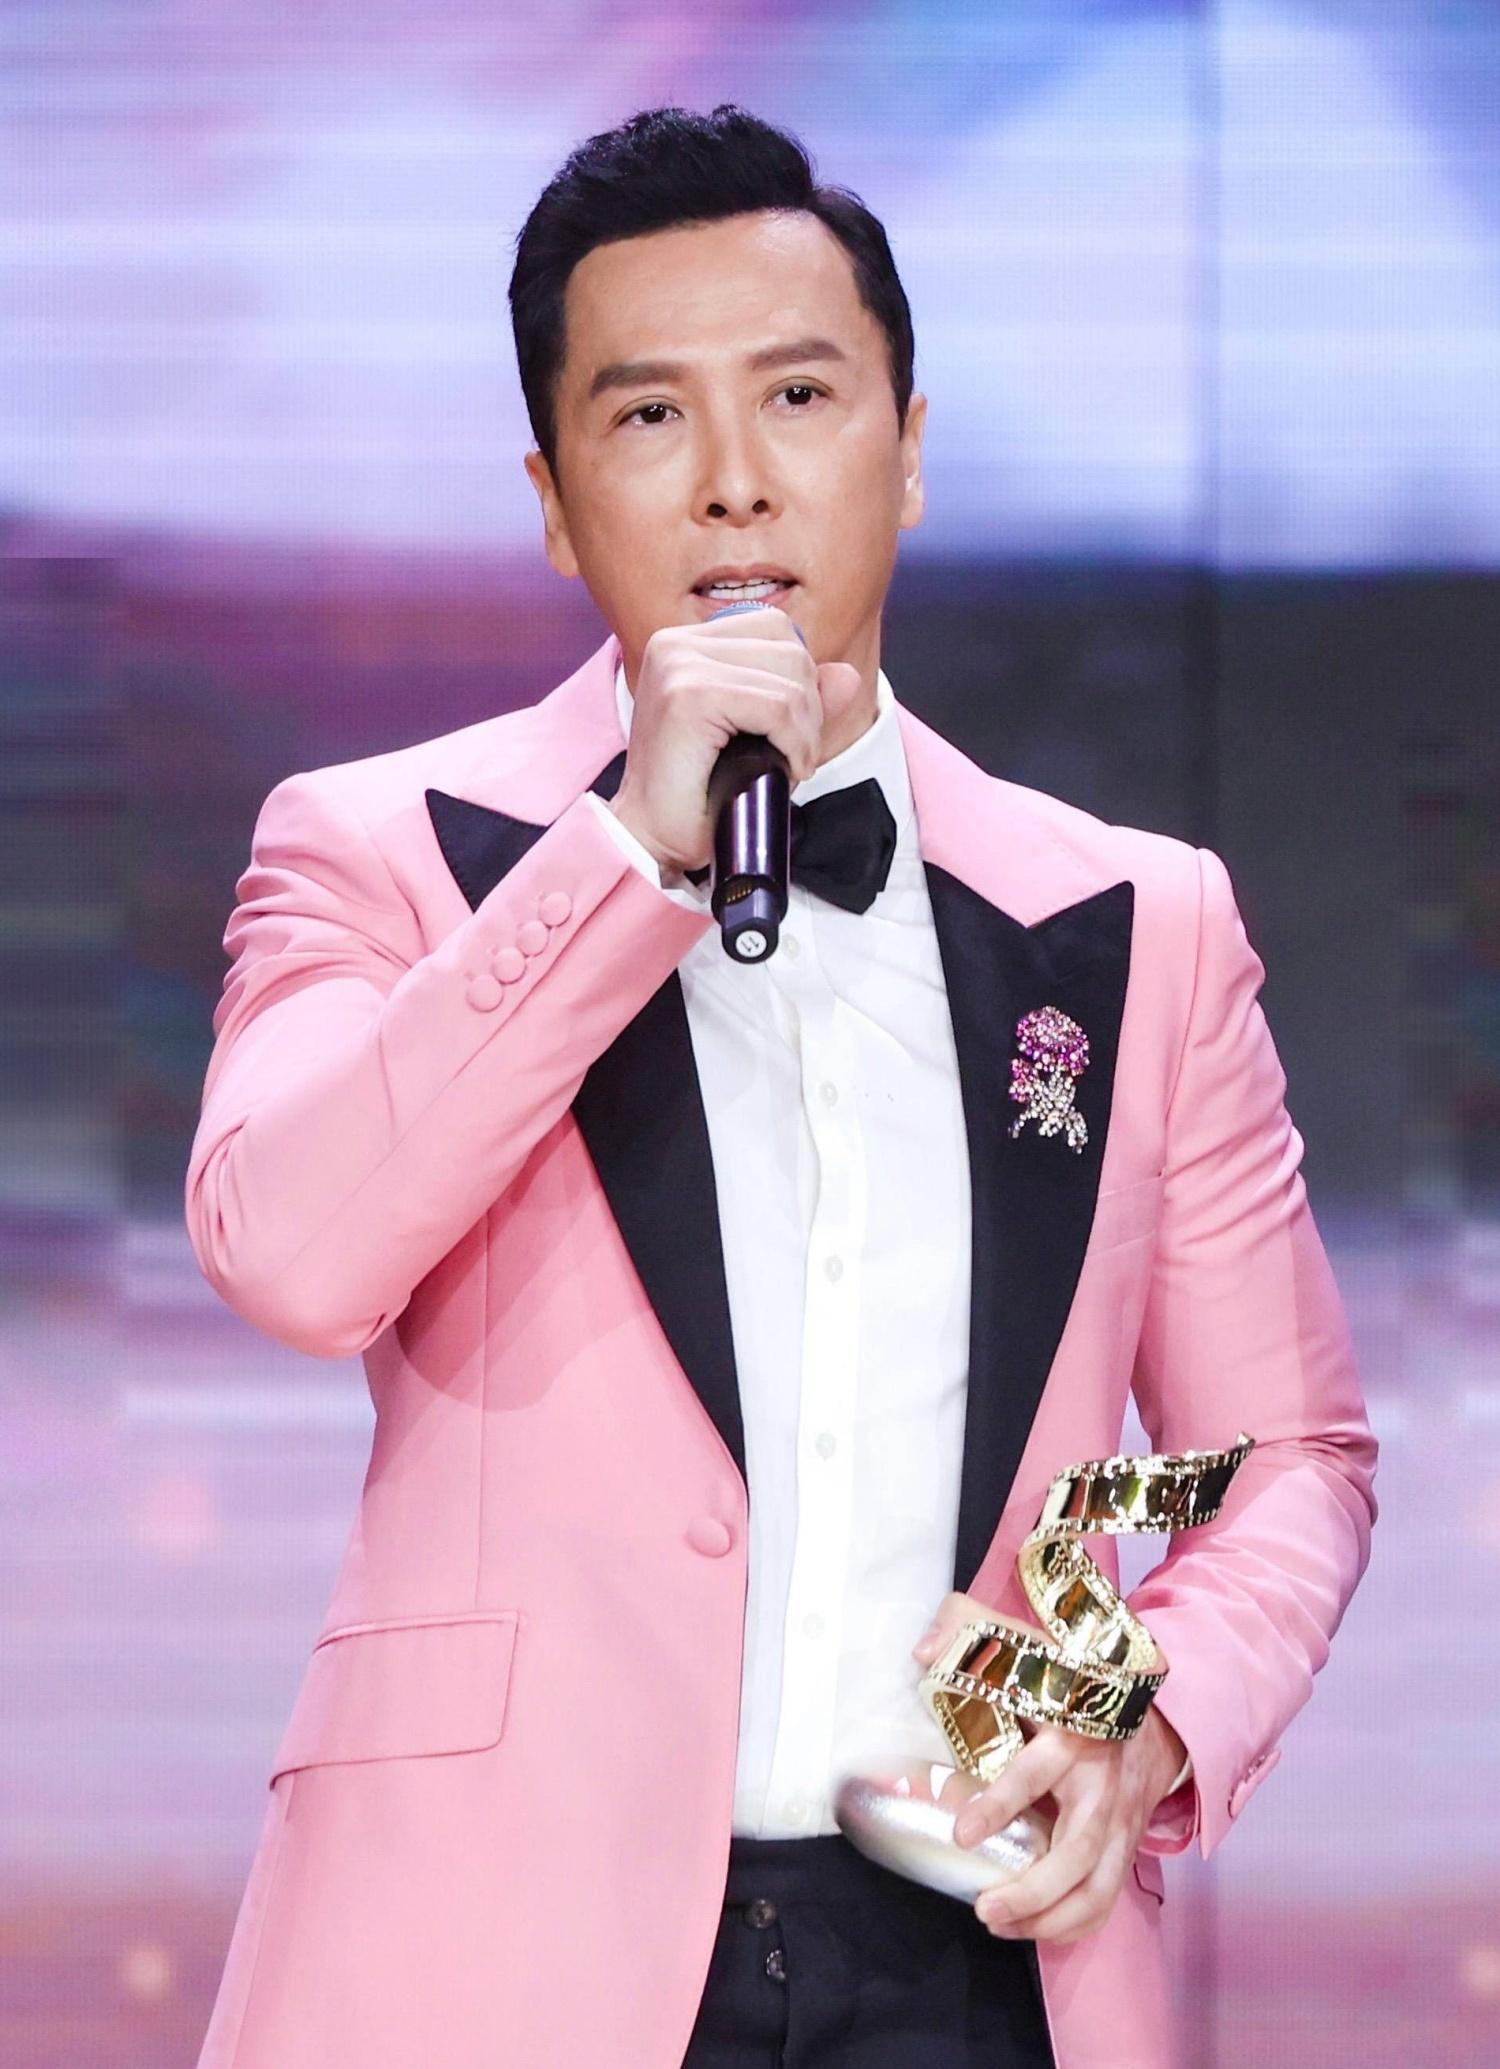 Chân Tử Đan diện suit hồng nhận giải Diễn viên có sức ảnh hưởng của năm .